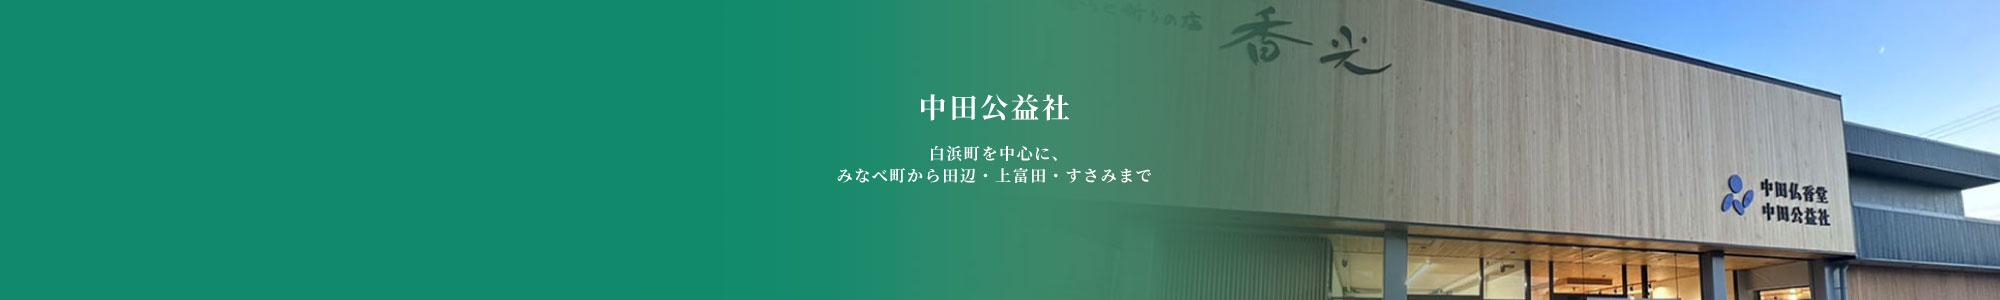 中田公益社